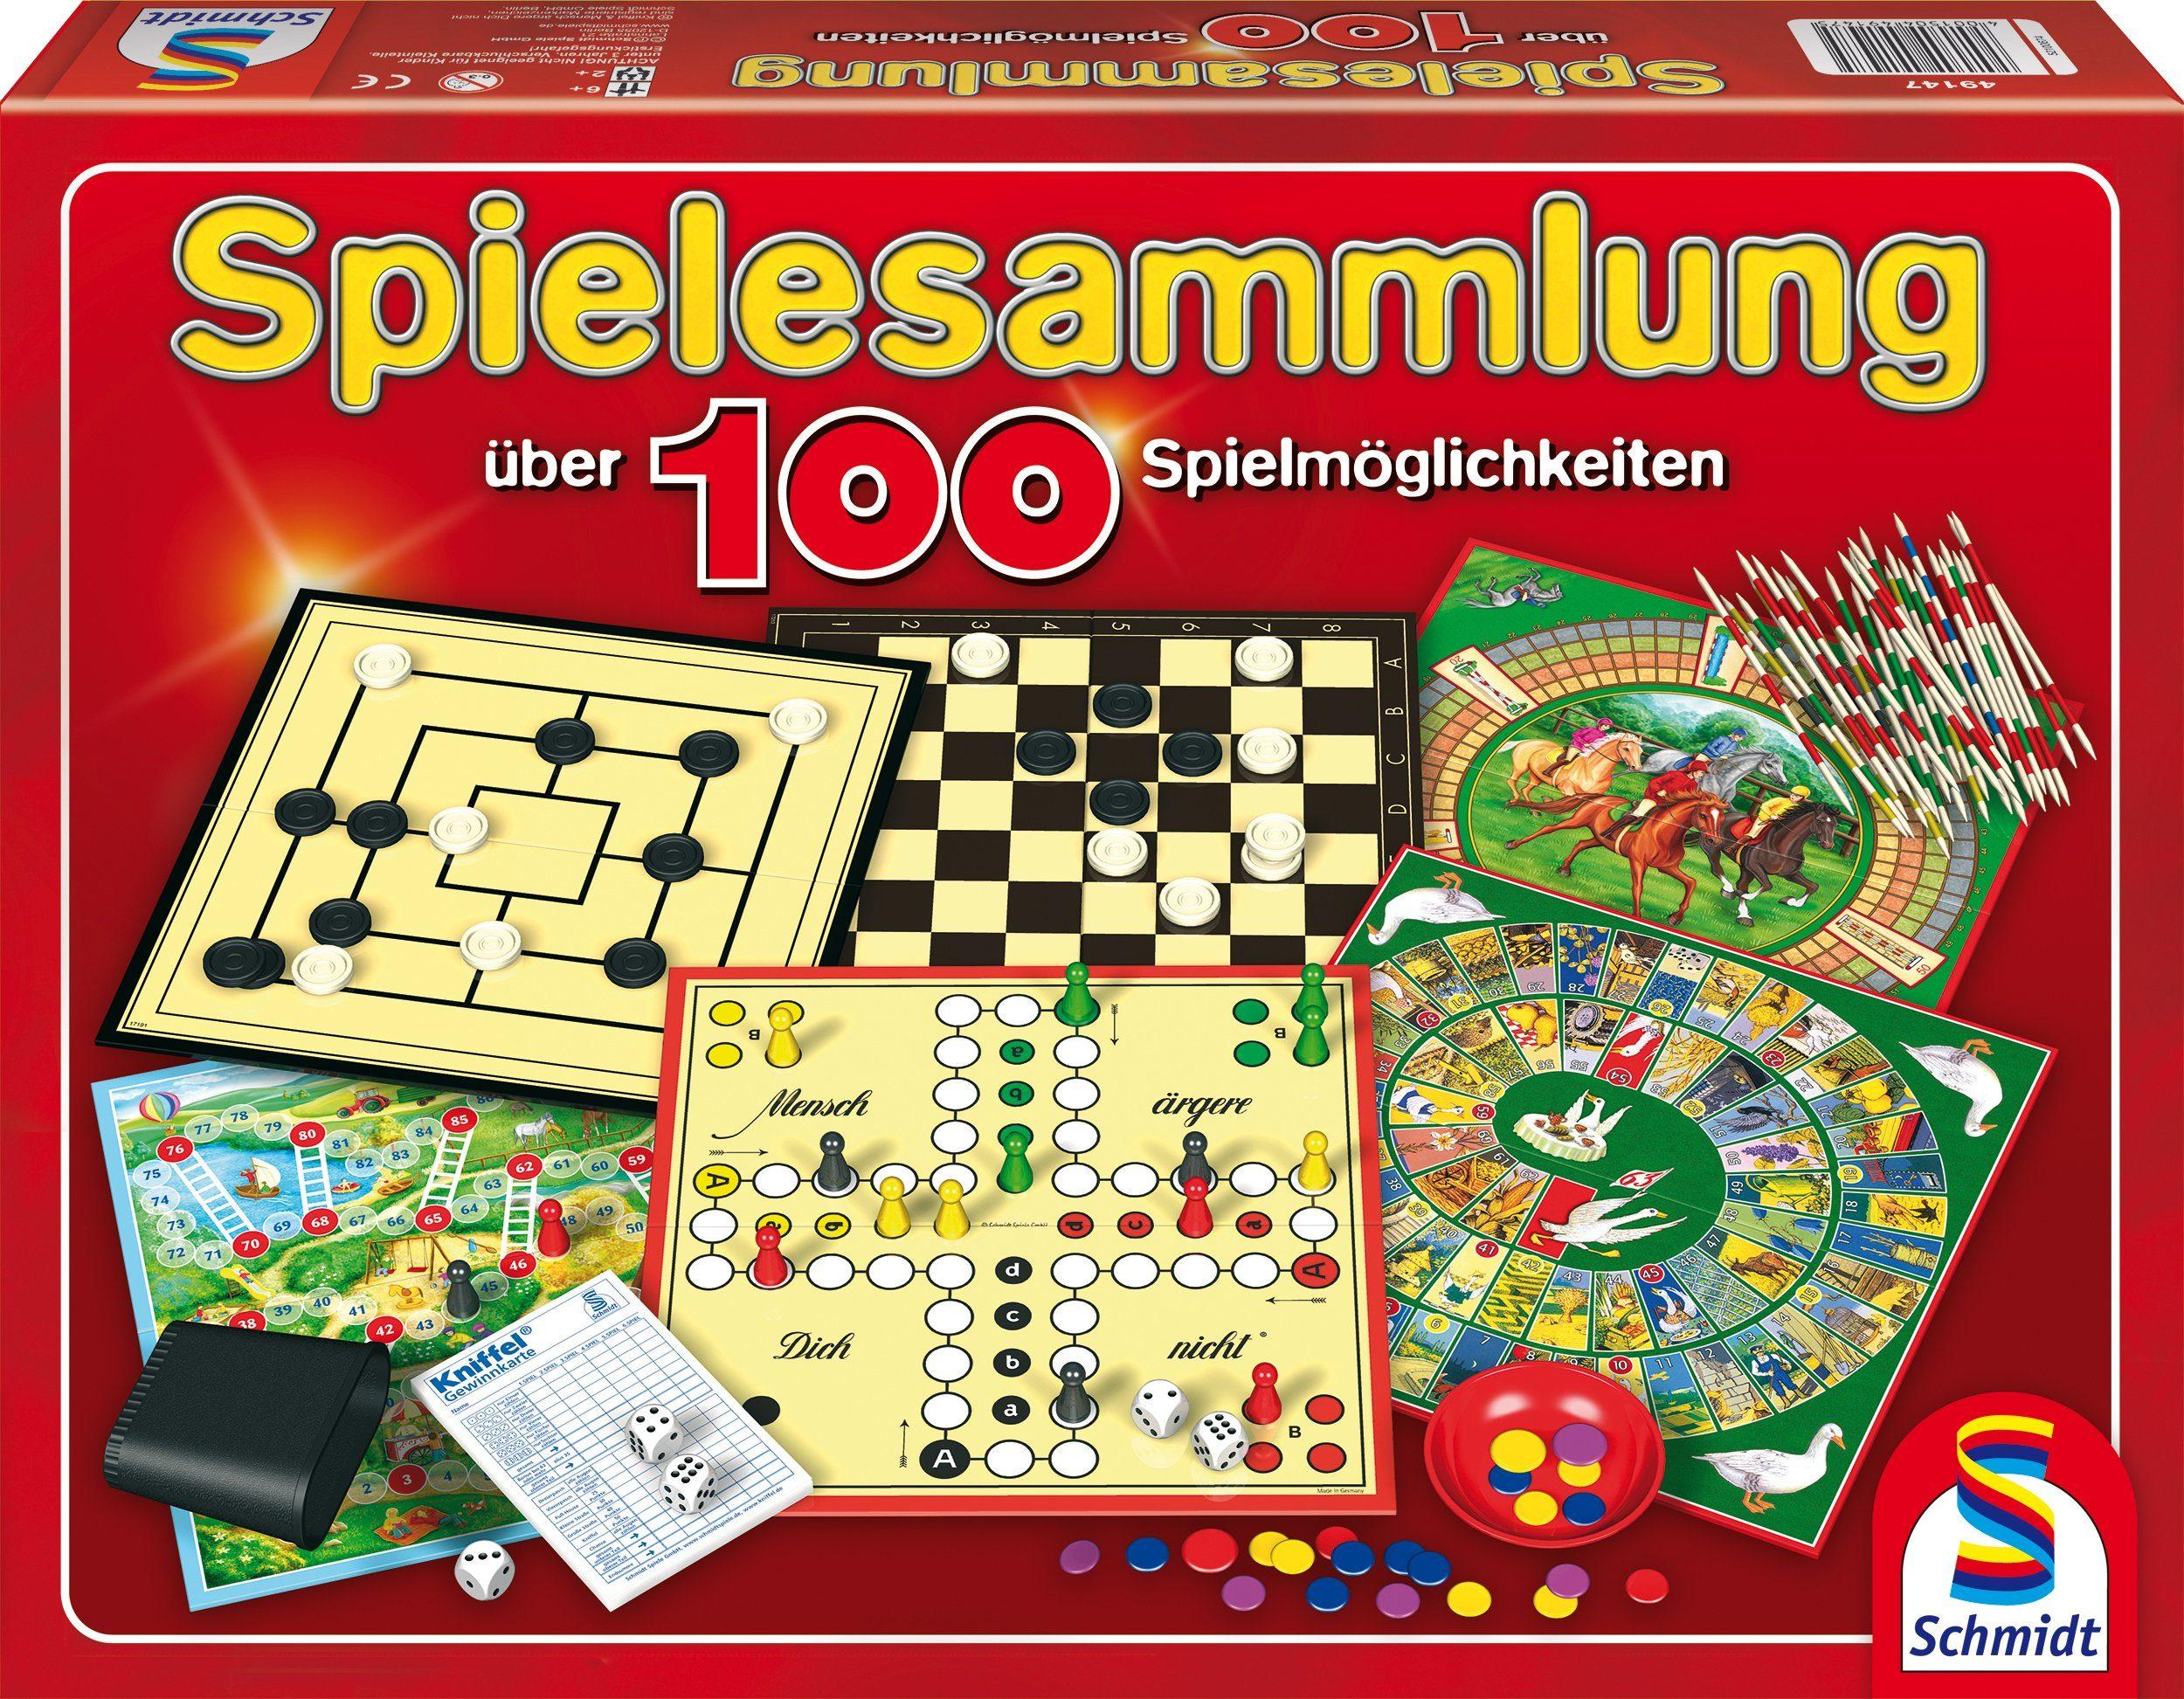 Schmidt Spiele Familienspiel, »Spielesammlung, 100 Spielemöglichkeiten«